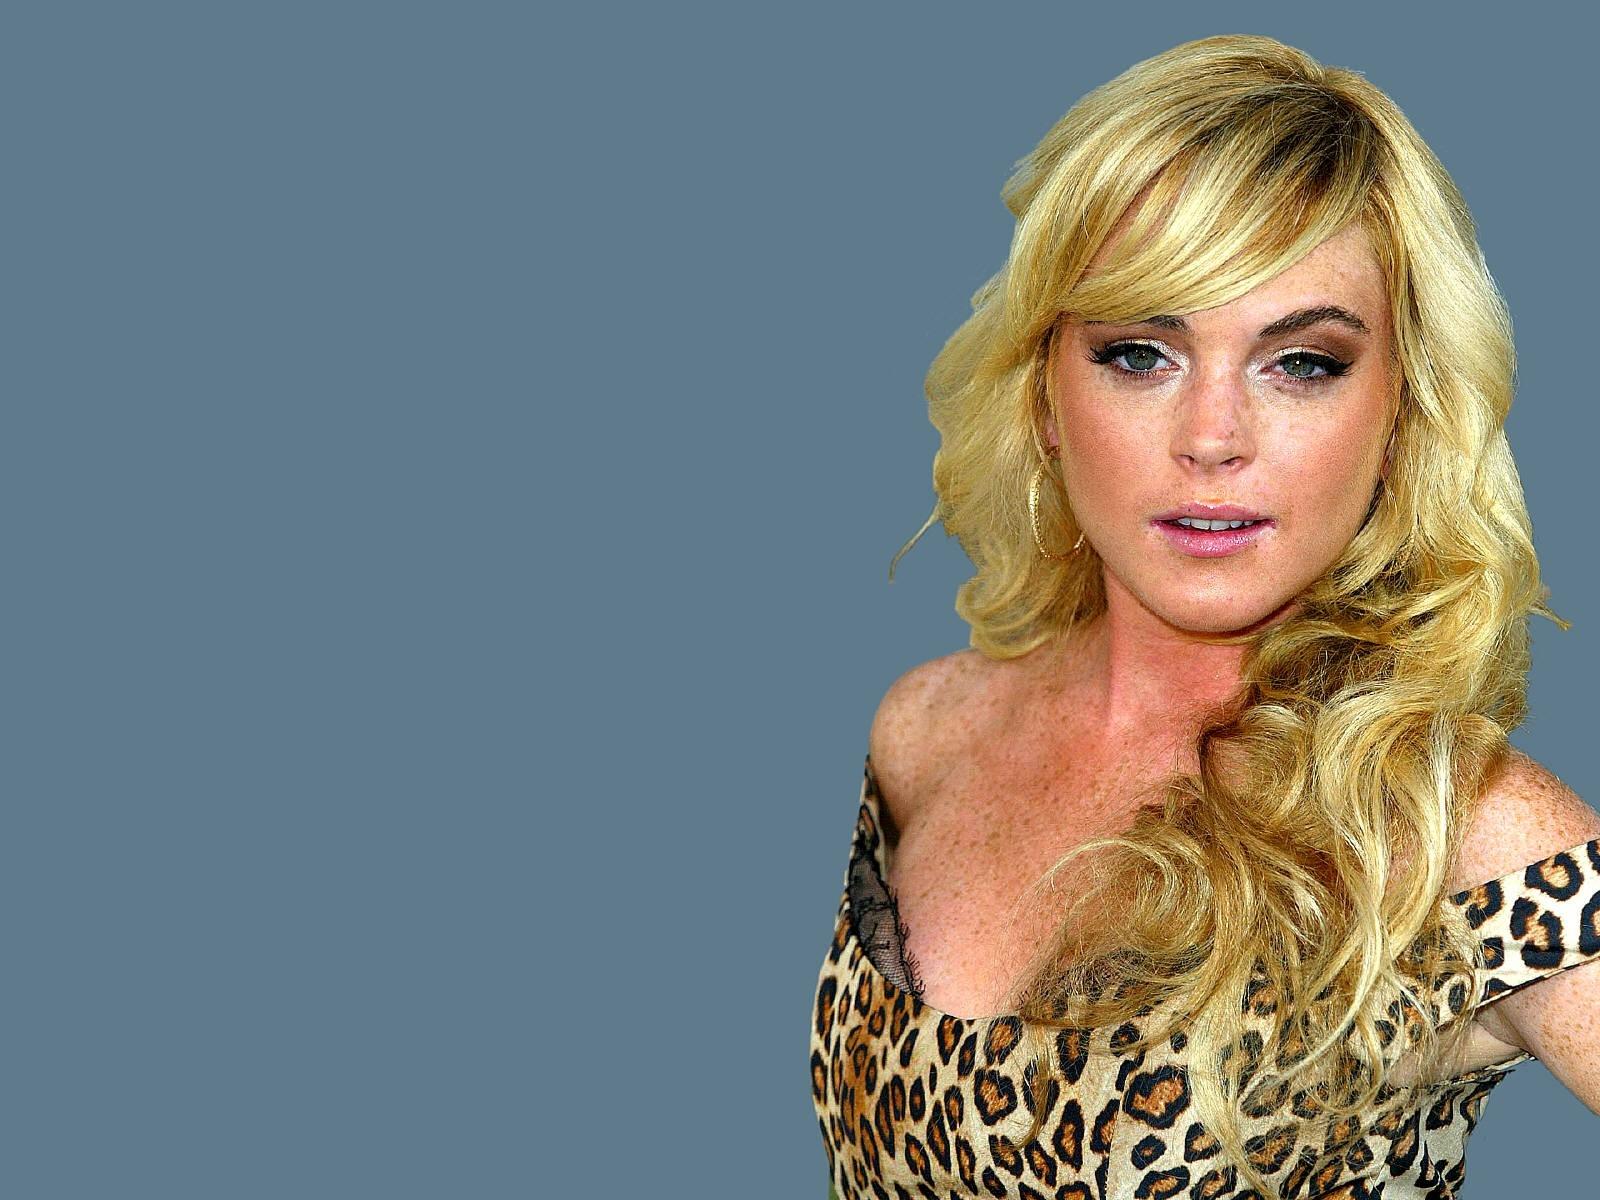 Wallpaper di Lindsay Lohan in versione bionda